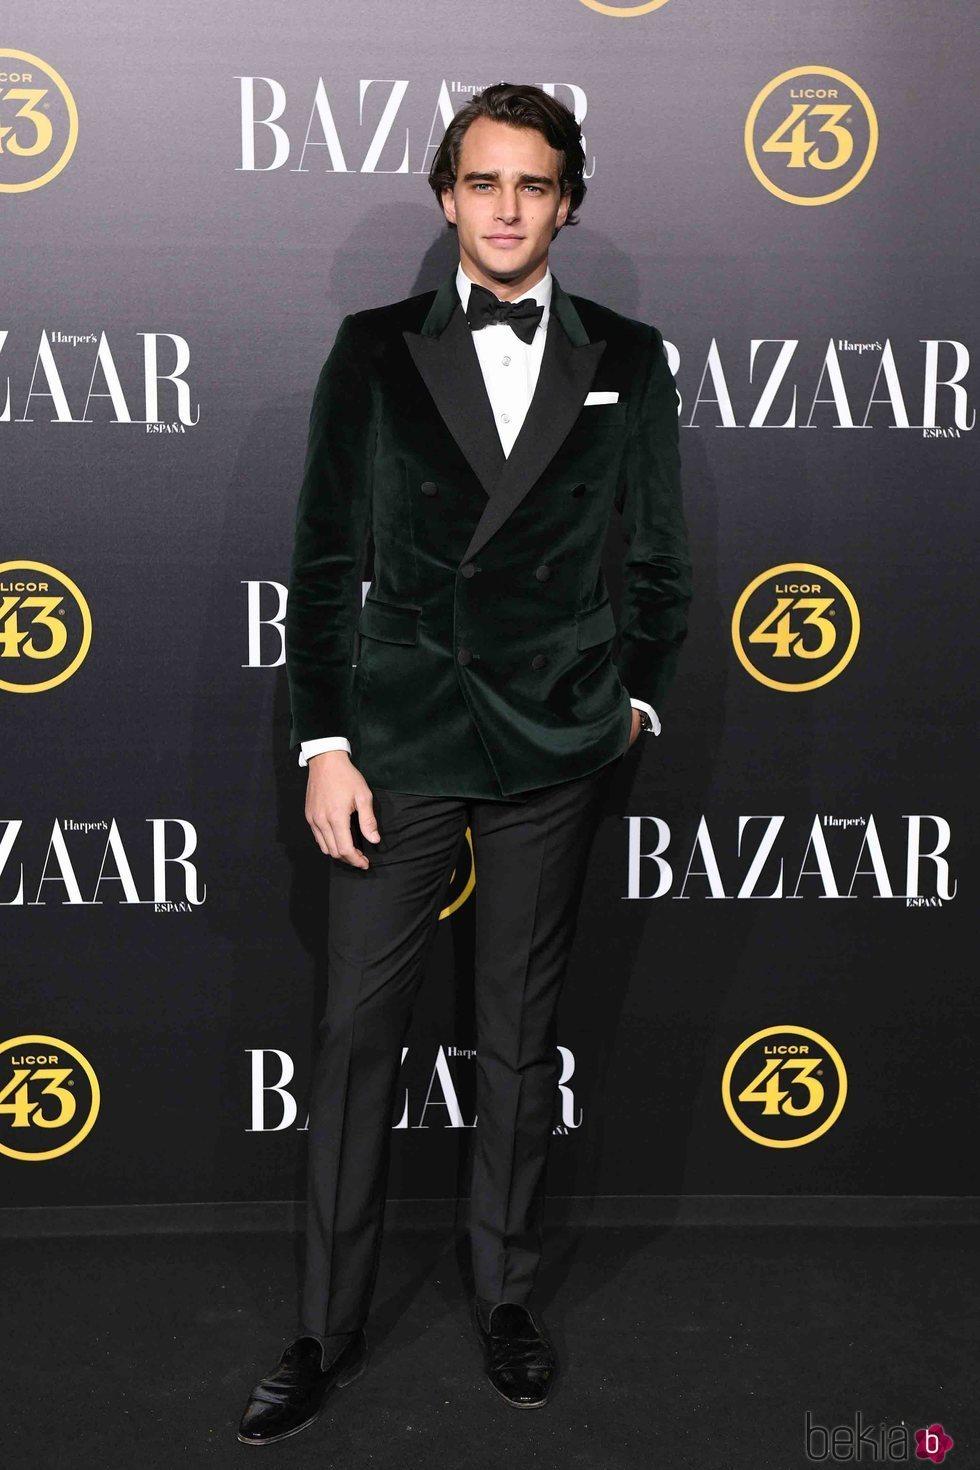 Pepe Barroso en los premios Harper's Bazaar 2019